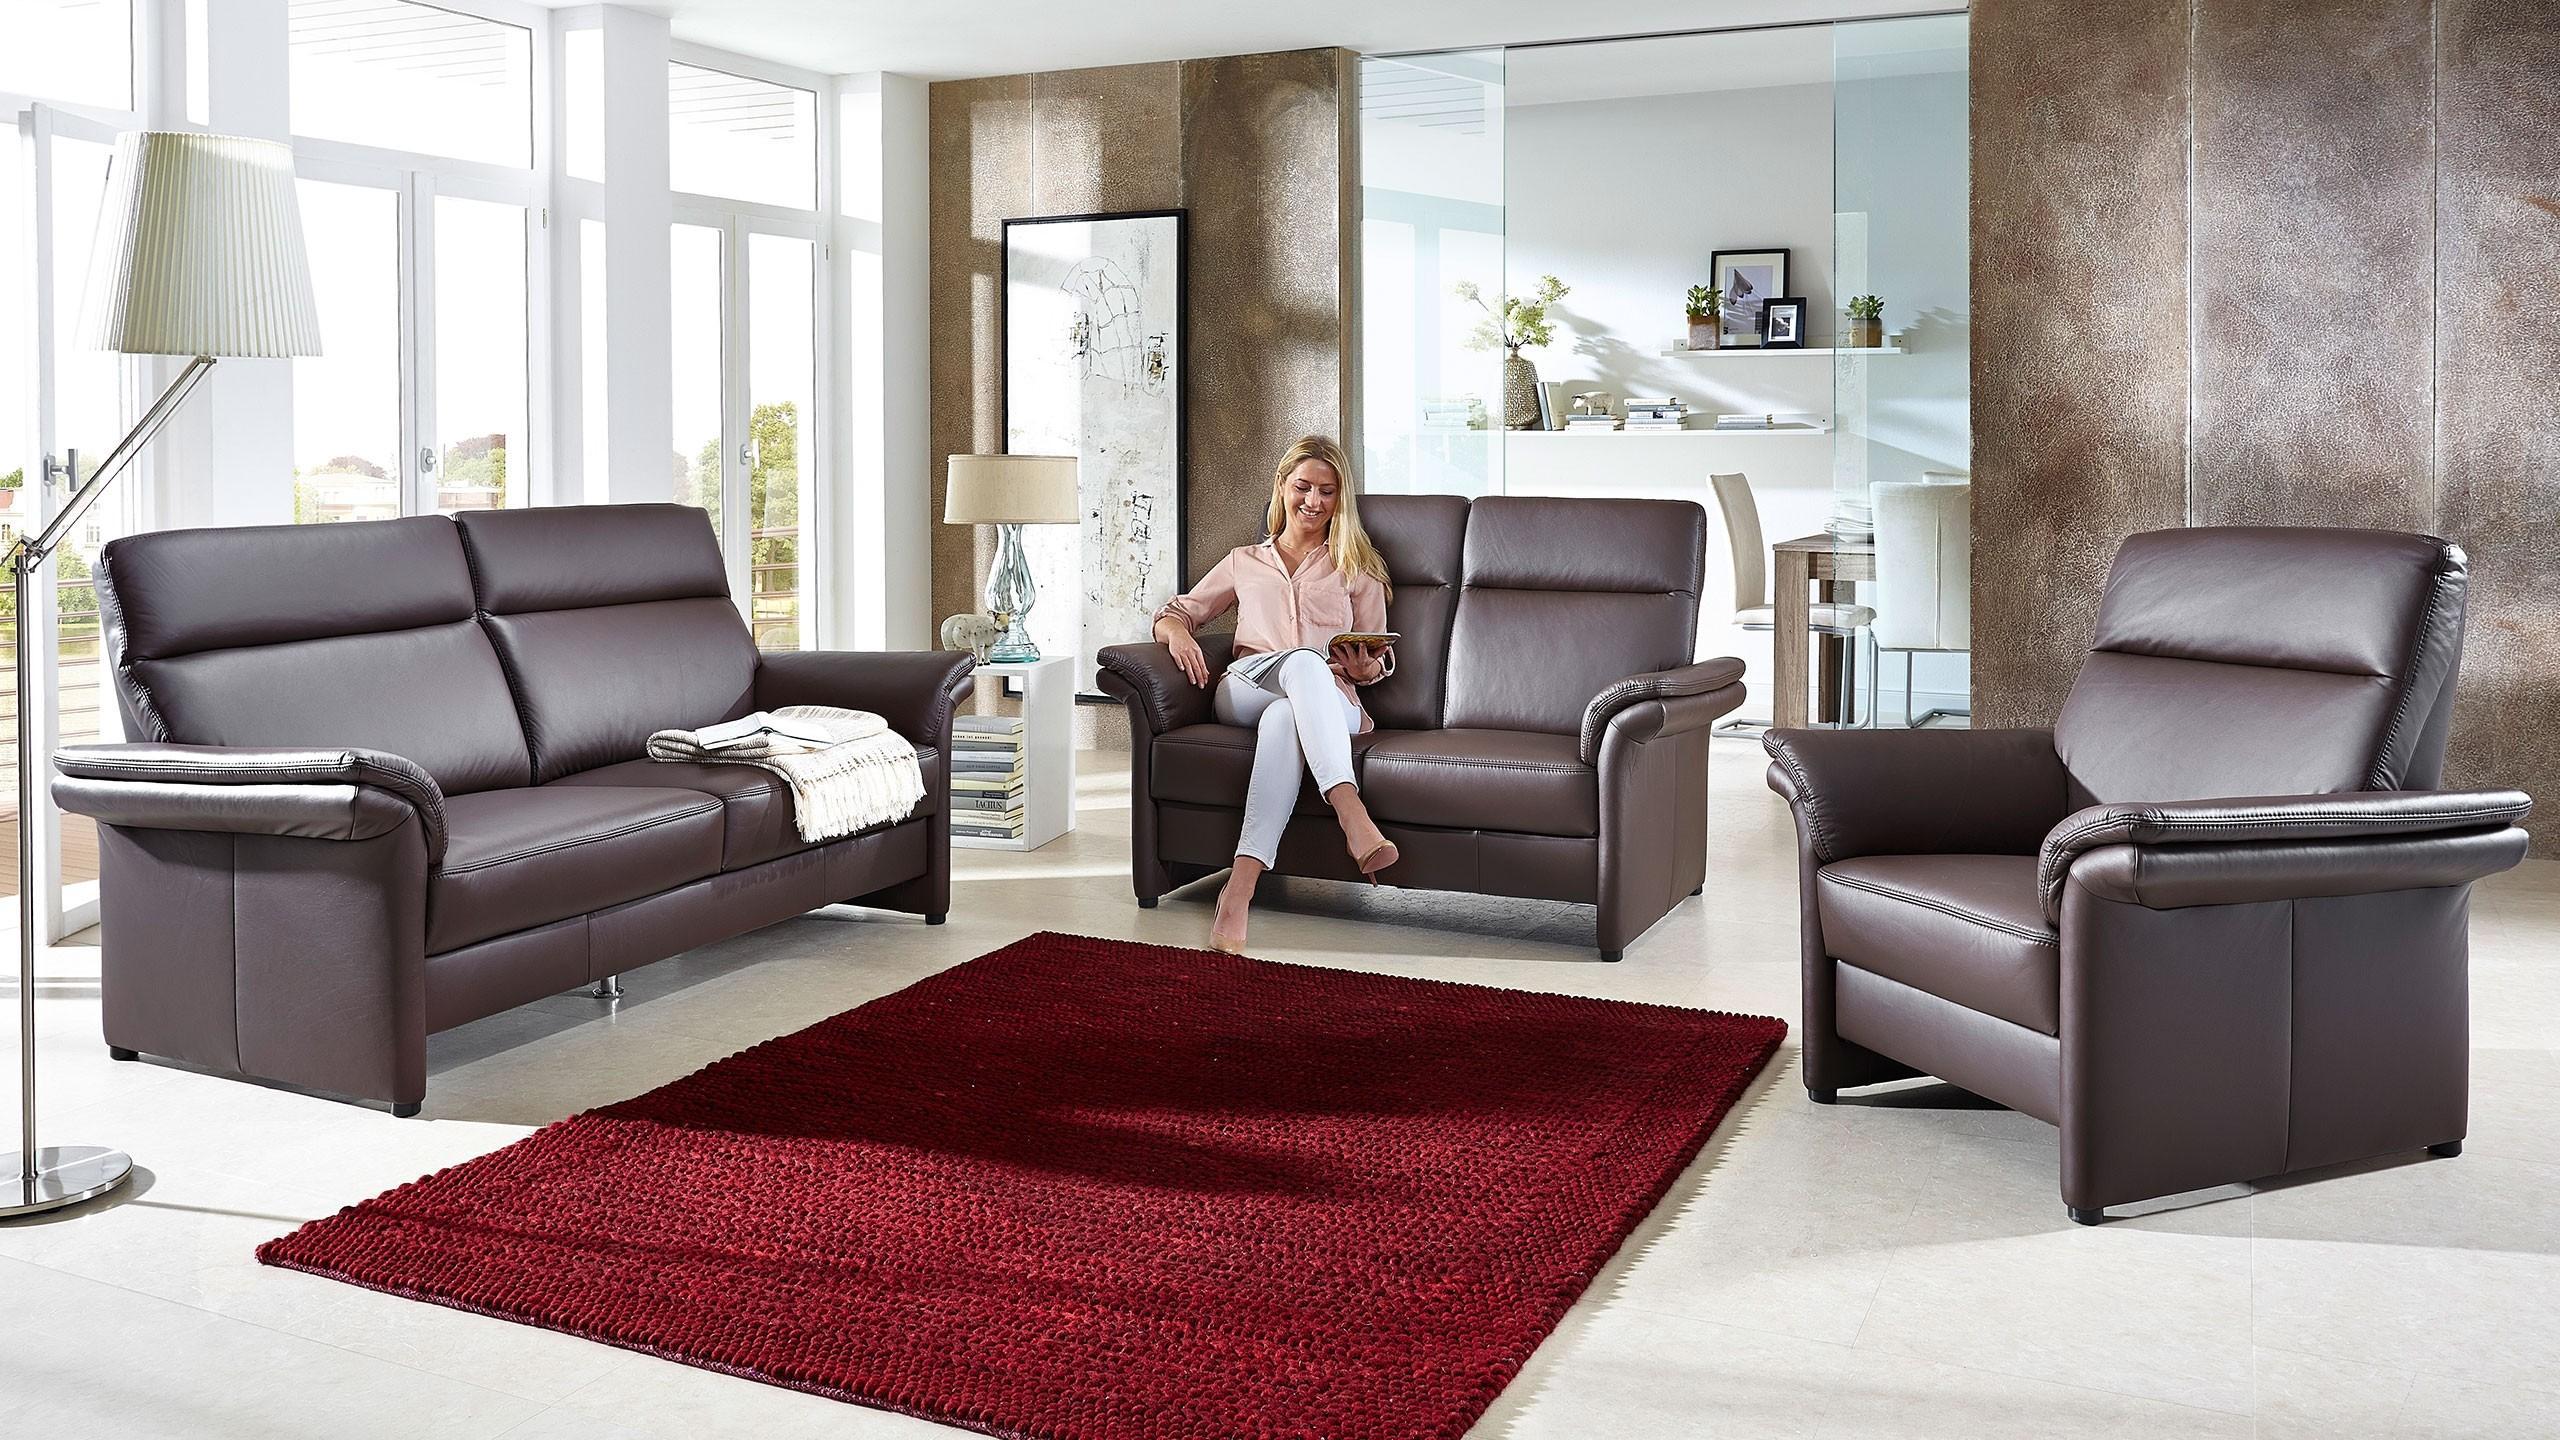 London Sofa Leder Braun